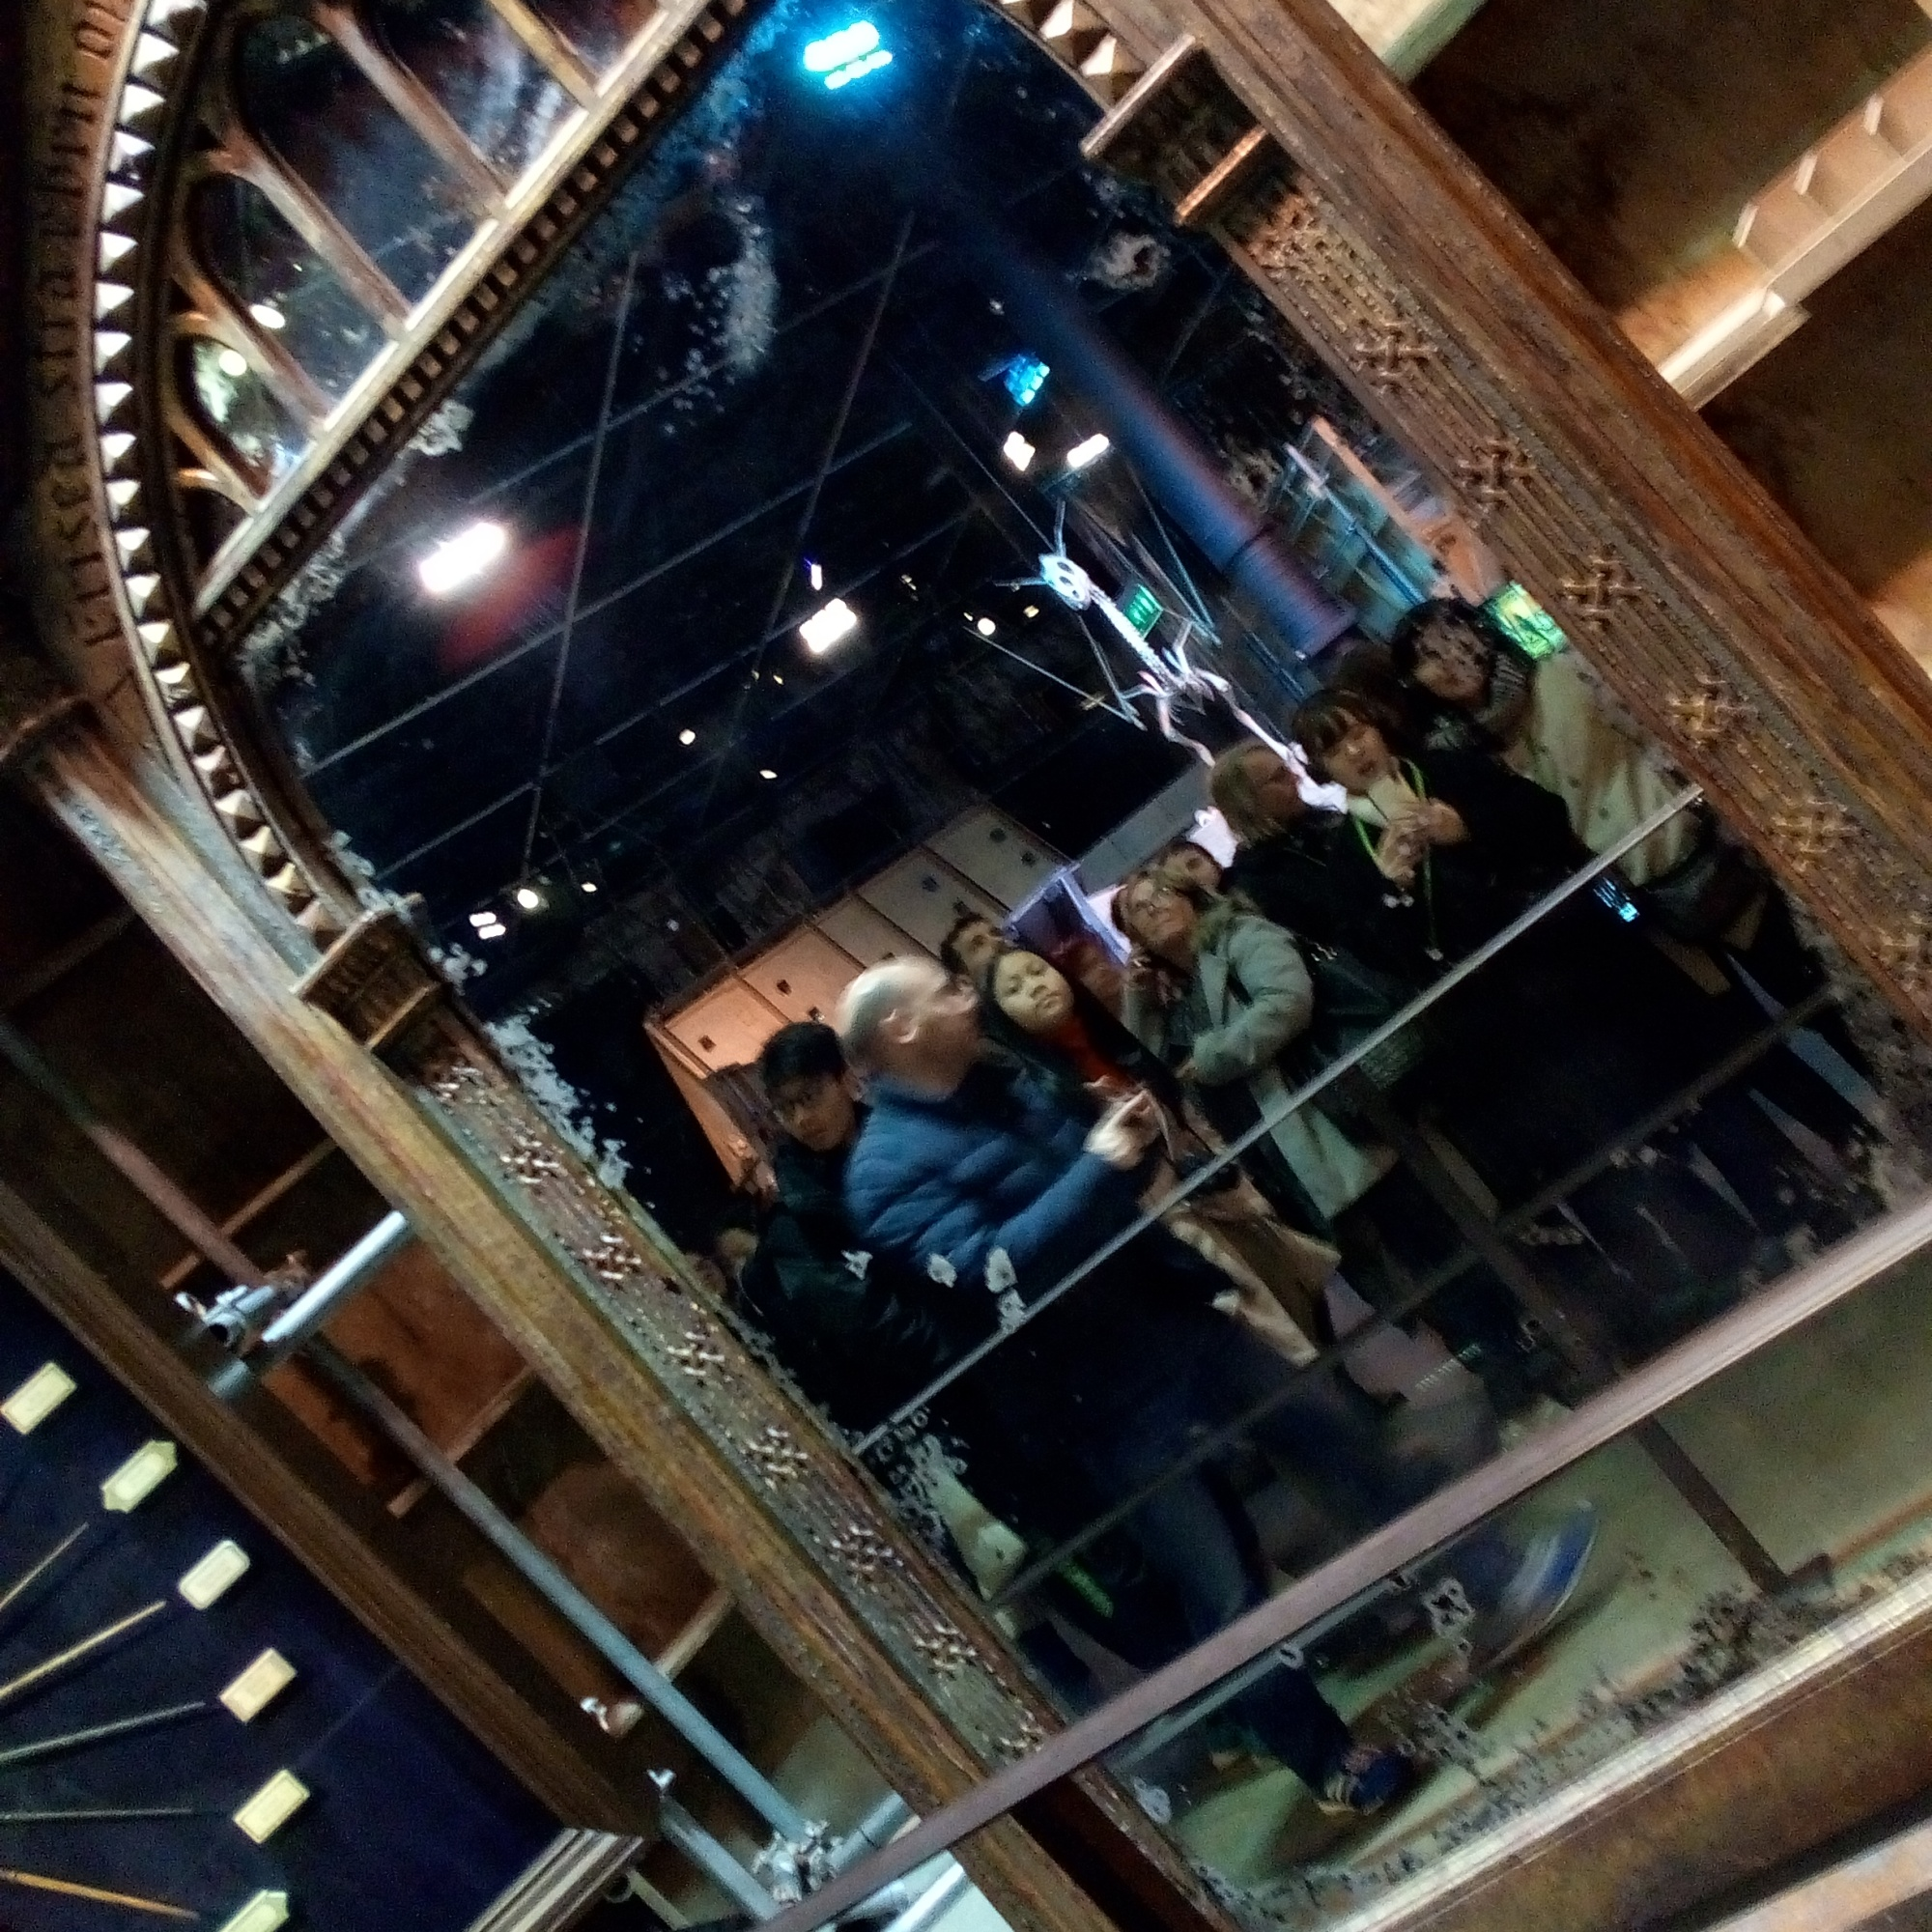 Le miroir de Riséd - The Making of Harry Potter - Studio Tour London